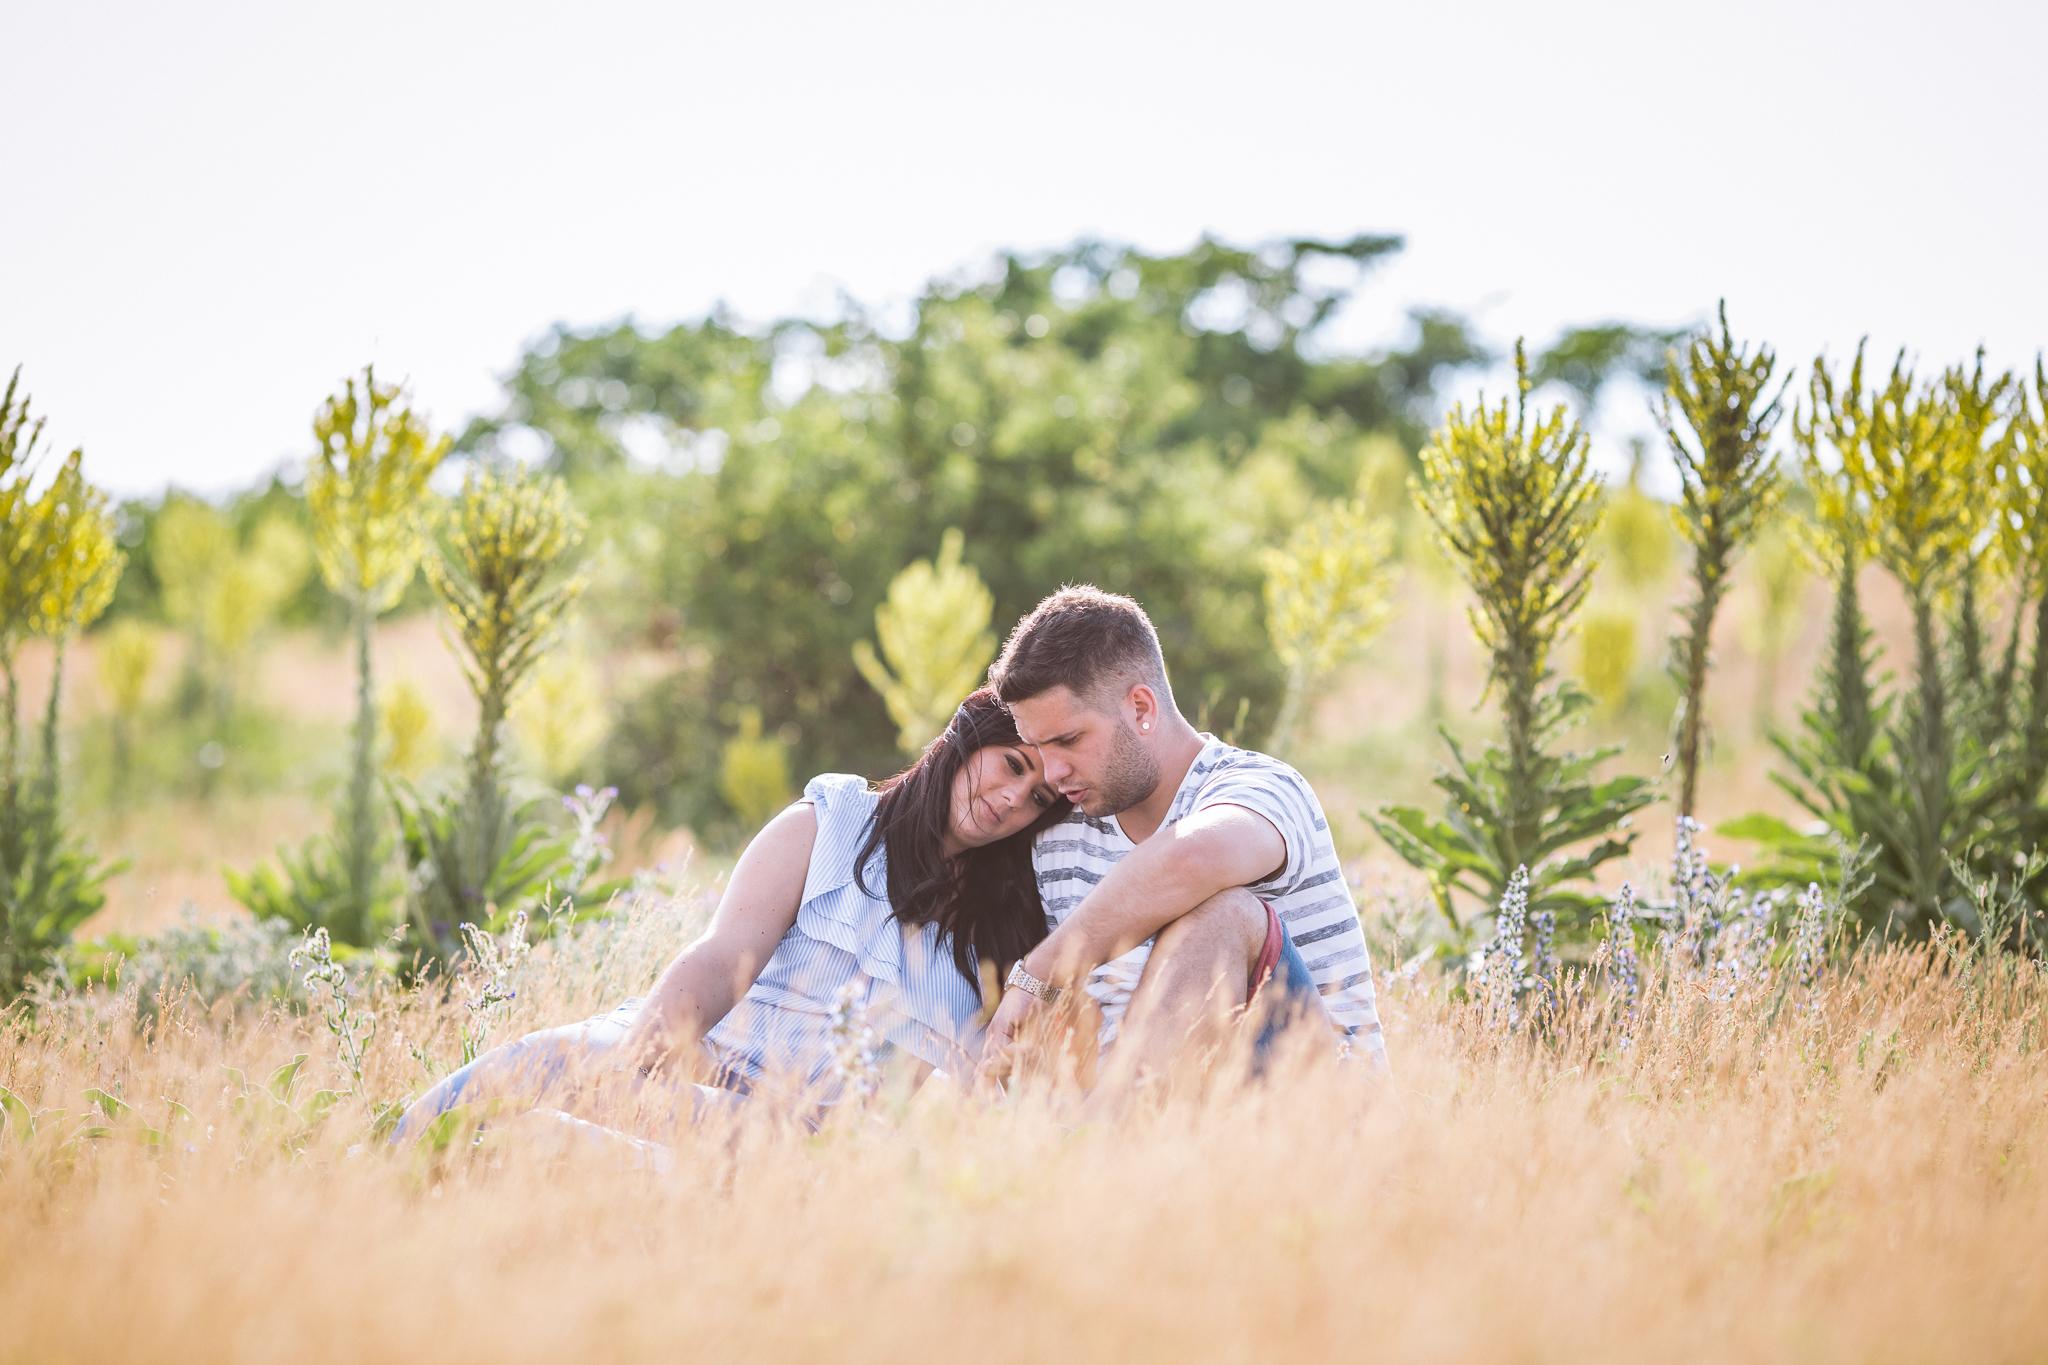 FylepPhoto, esküvőfotózás, magyarország, esküvői fotós, vasmegye, prémium, jegyesfotózás, Fülöp Péter, körmend, kreatív 19.jpg